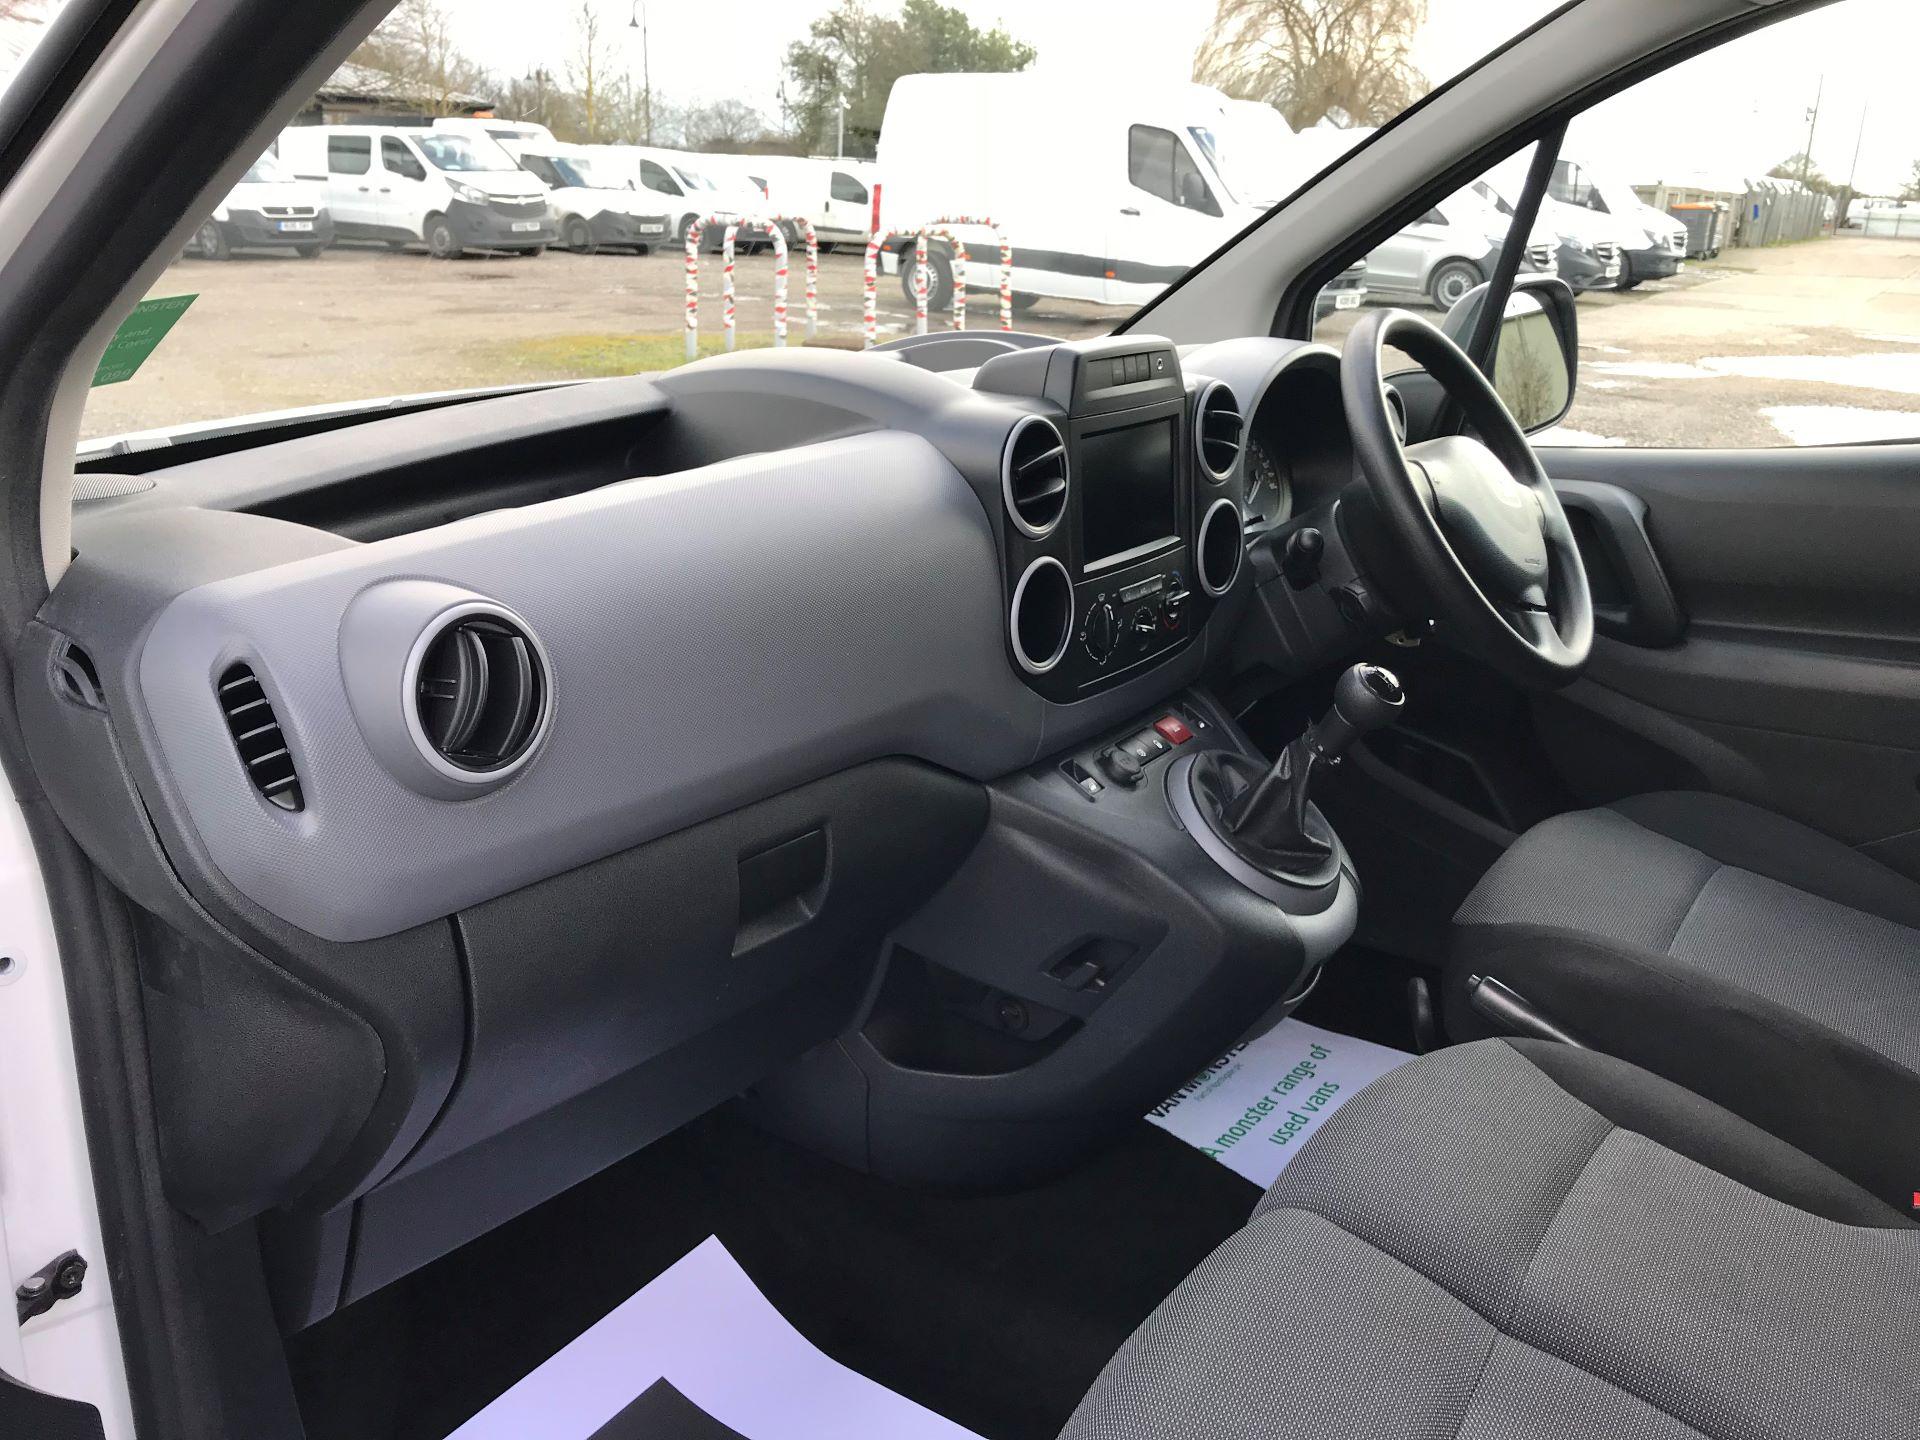 2017 Peugeot Partner L1 850 1.6 BLUEHDI 100 PROFESSIONAL (NON S/S)EURO 6 (NV67BWJ) Image 12